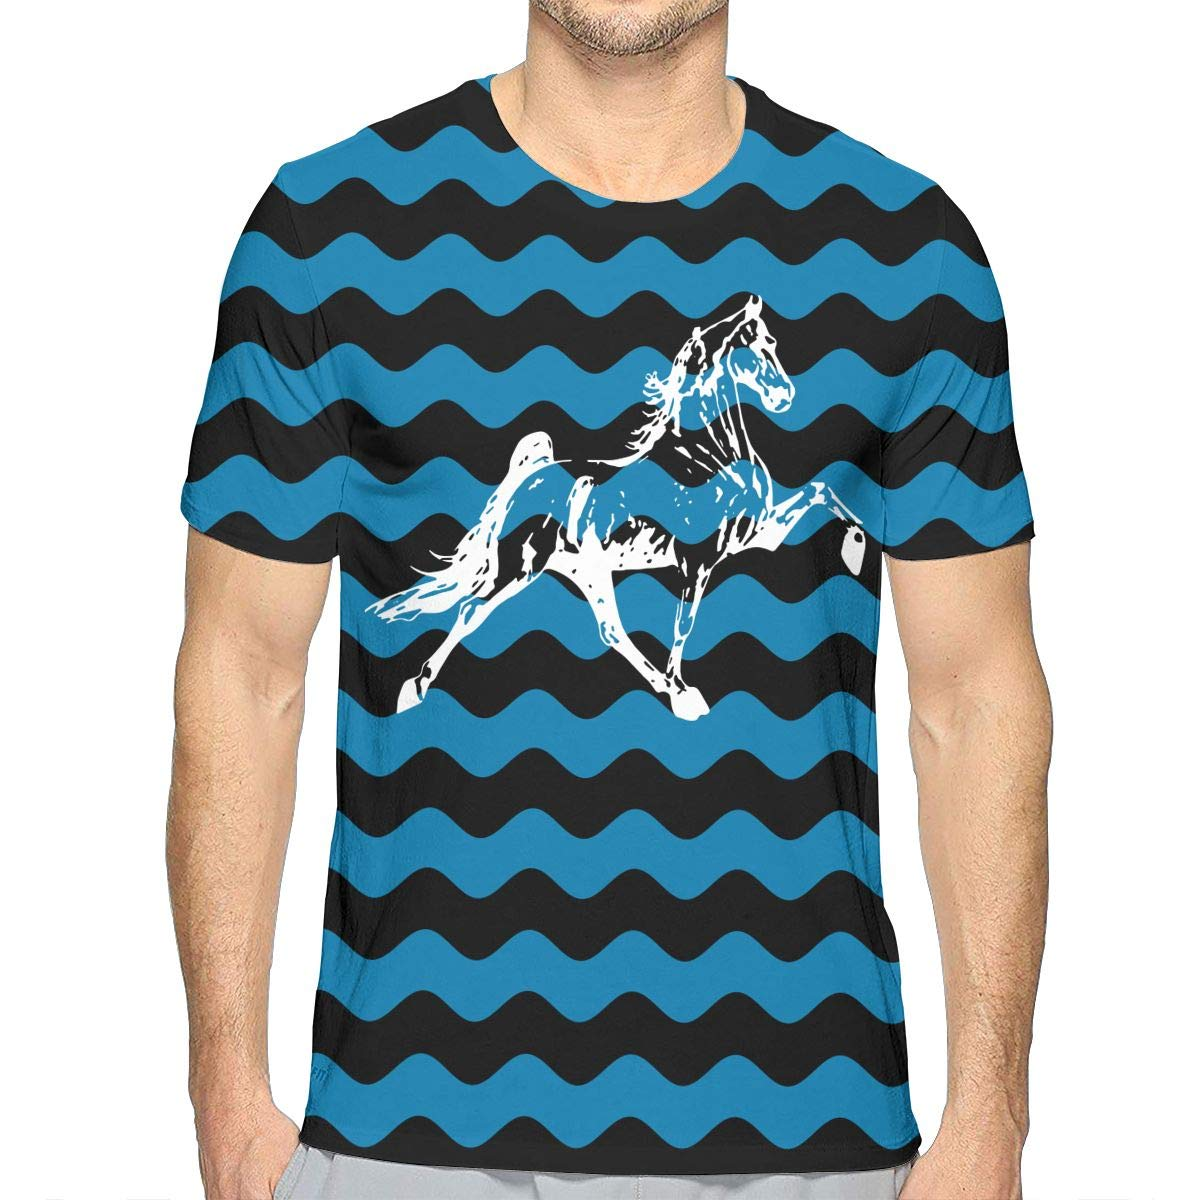 JJKKFG-H Tennessee Walking Horse Mens Fashion Short-Sleeved Tshirts